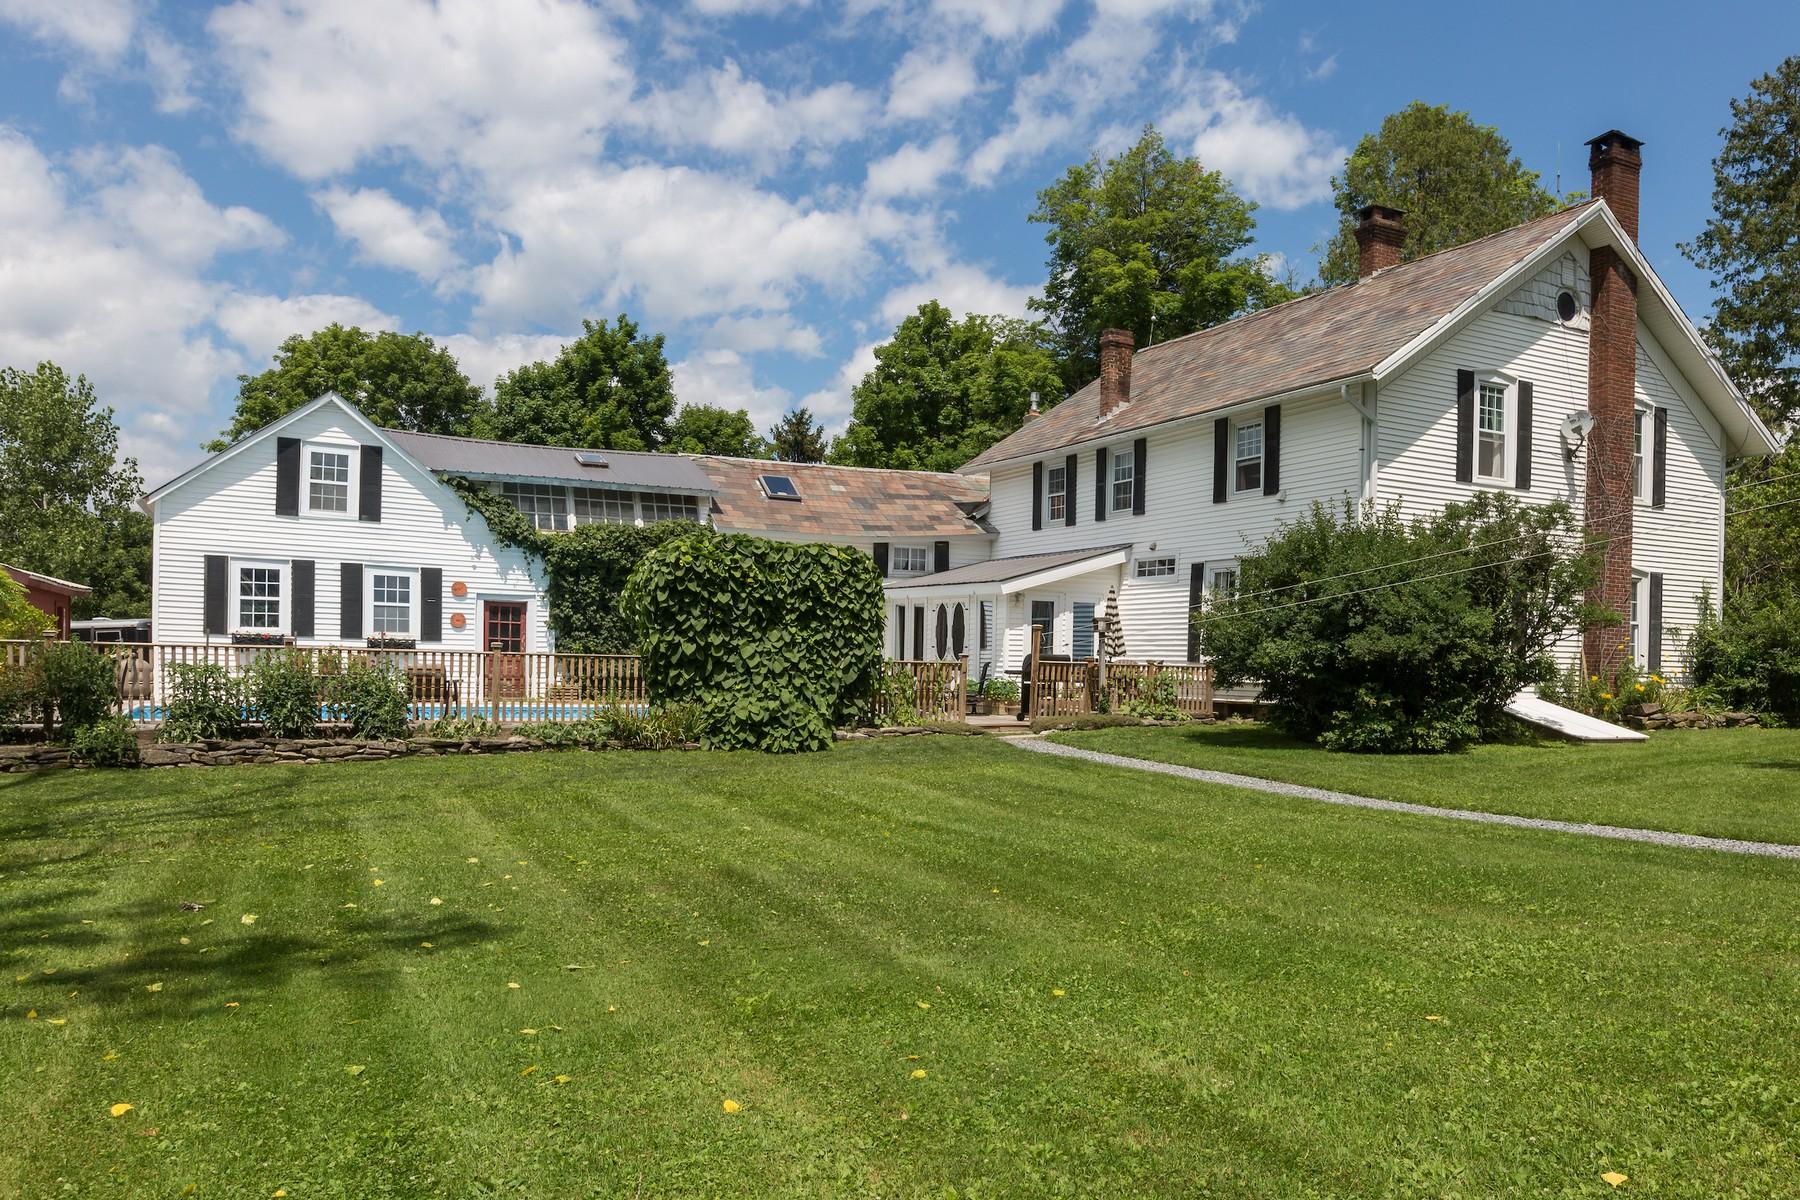 Maison unifamiliale pour l Vente à Spectacular Farmhouse 311 Hartman Rd Hudson Falls, New York 12839 États-Unis